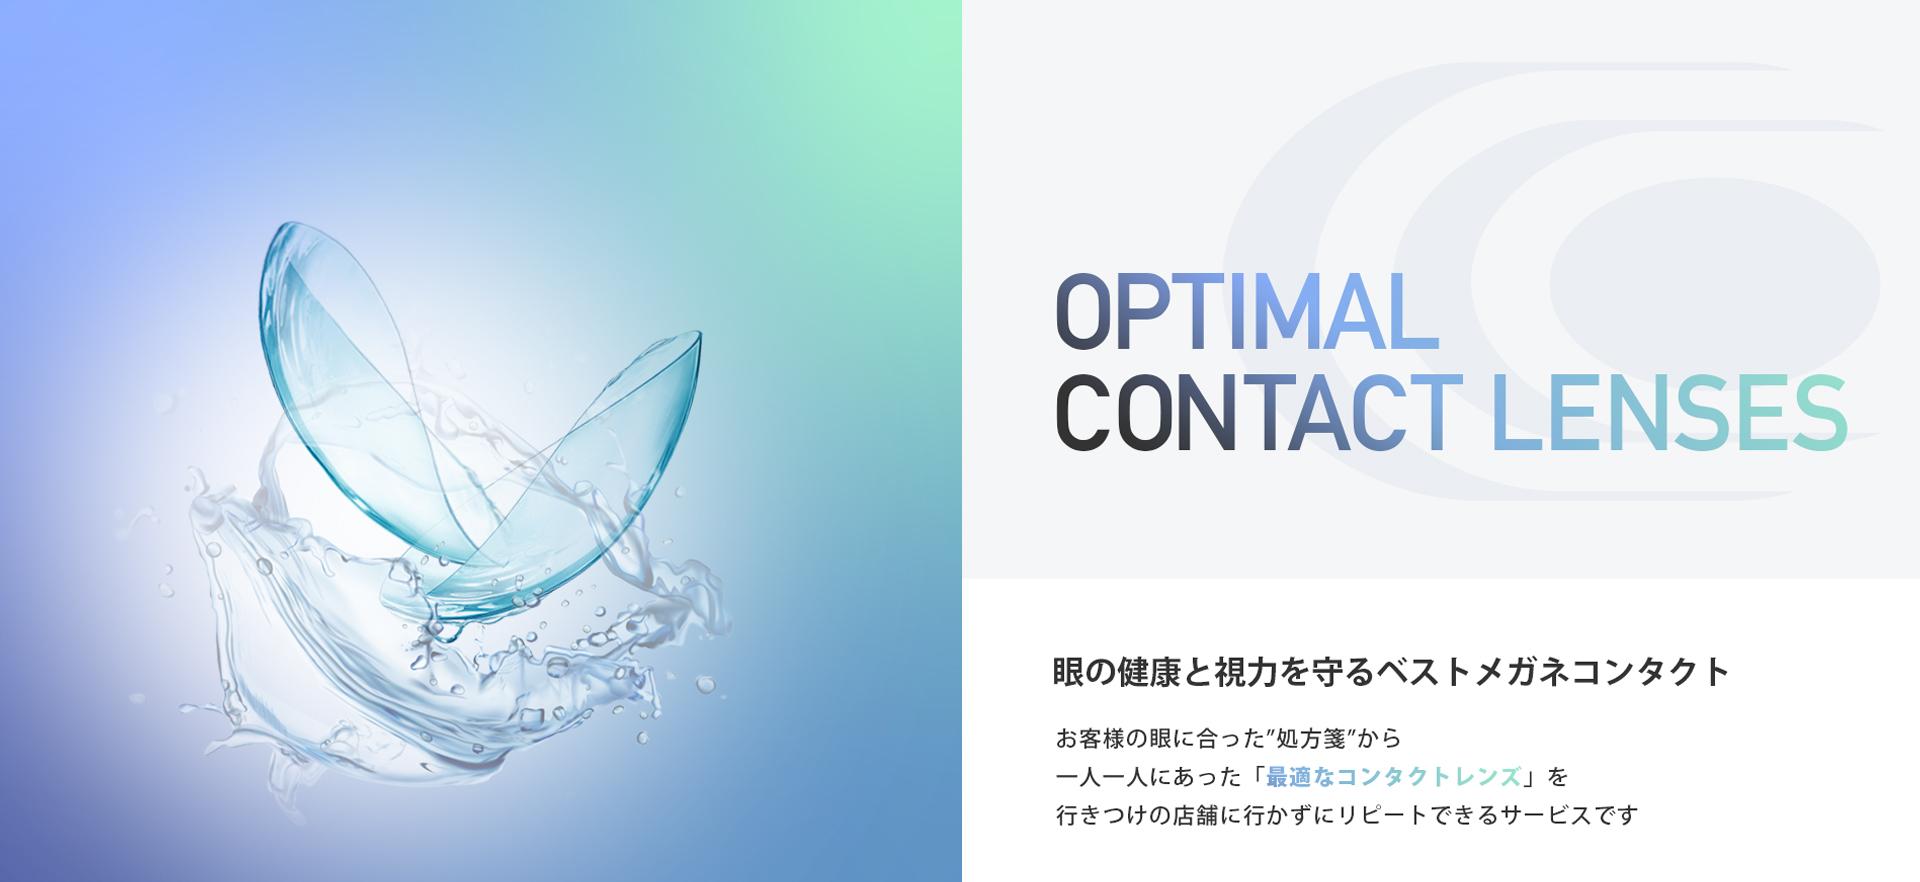 眼の健康と視力を守るベストメガネコンタクト